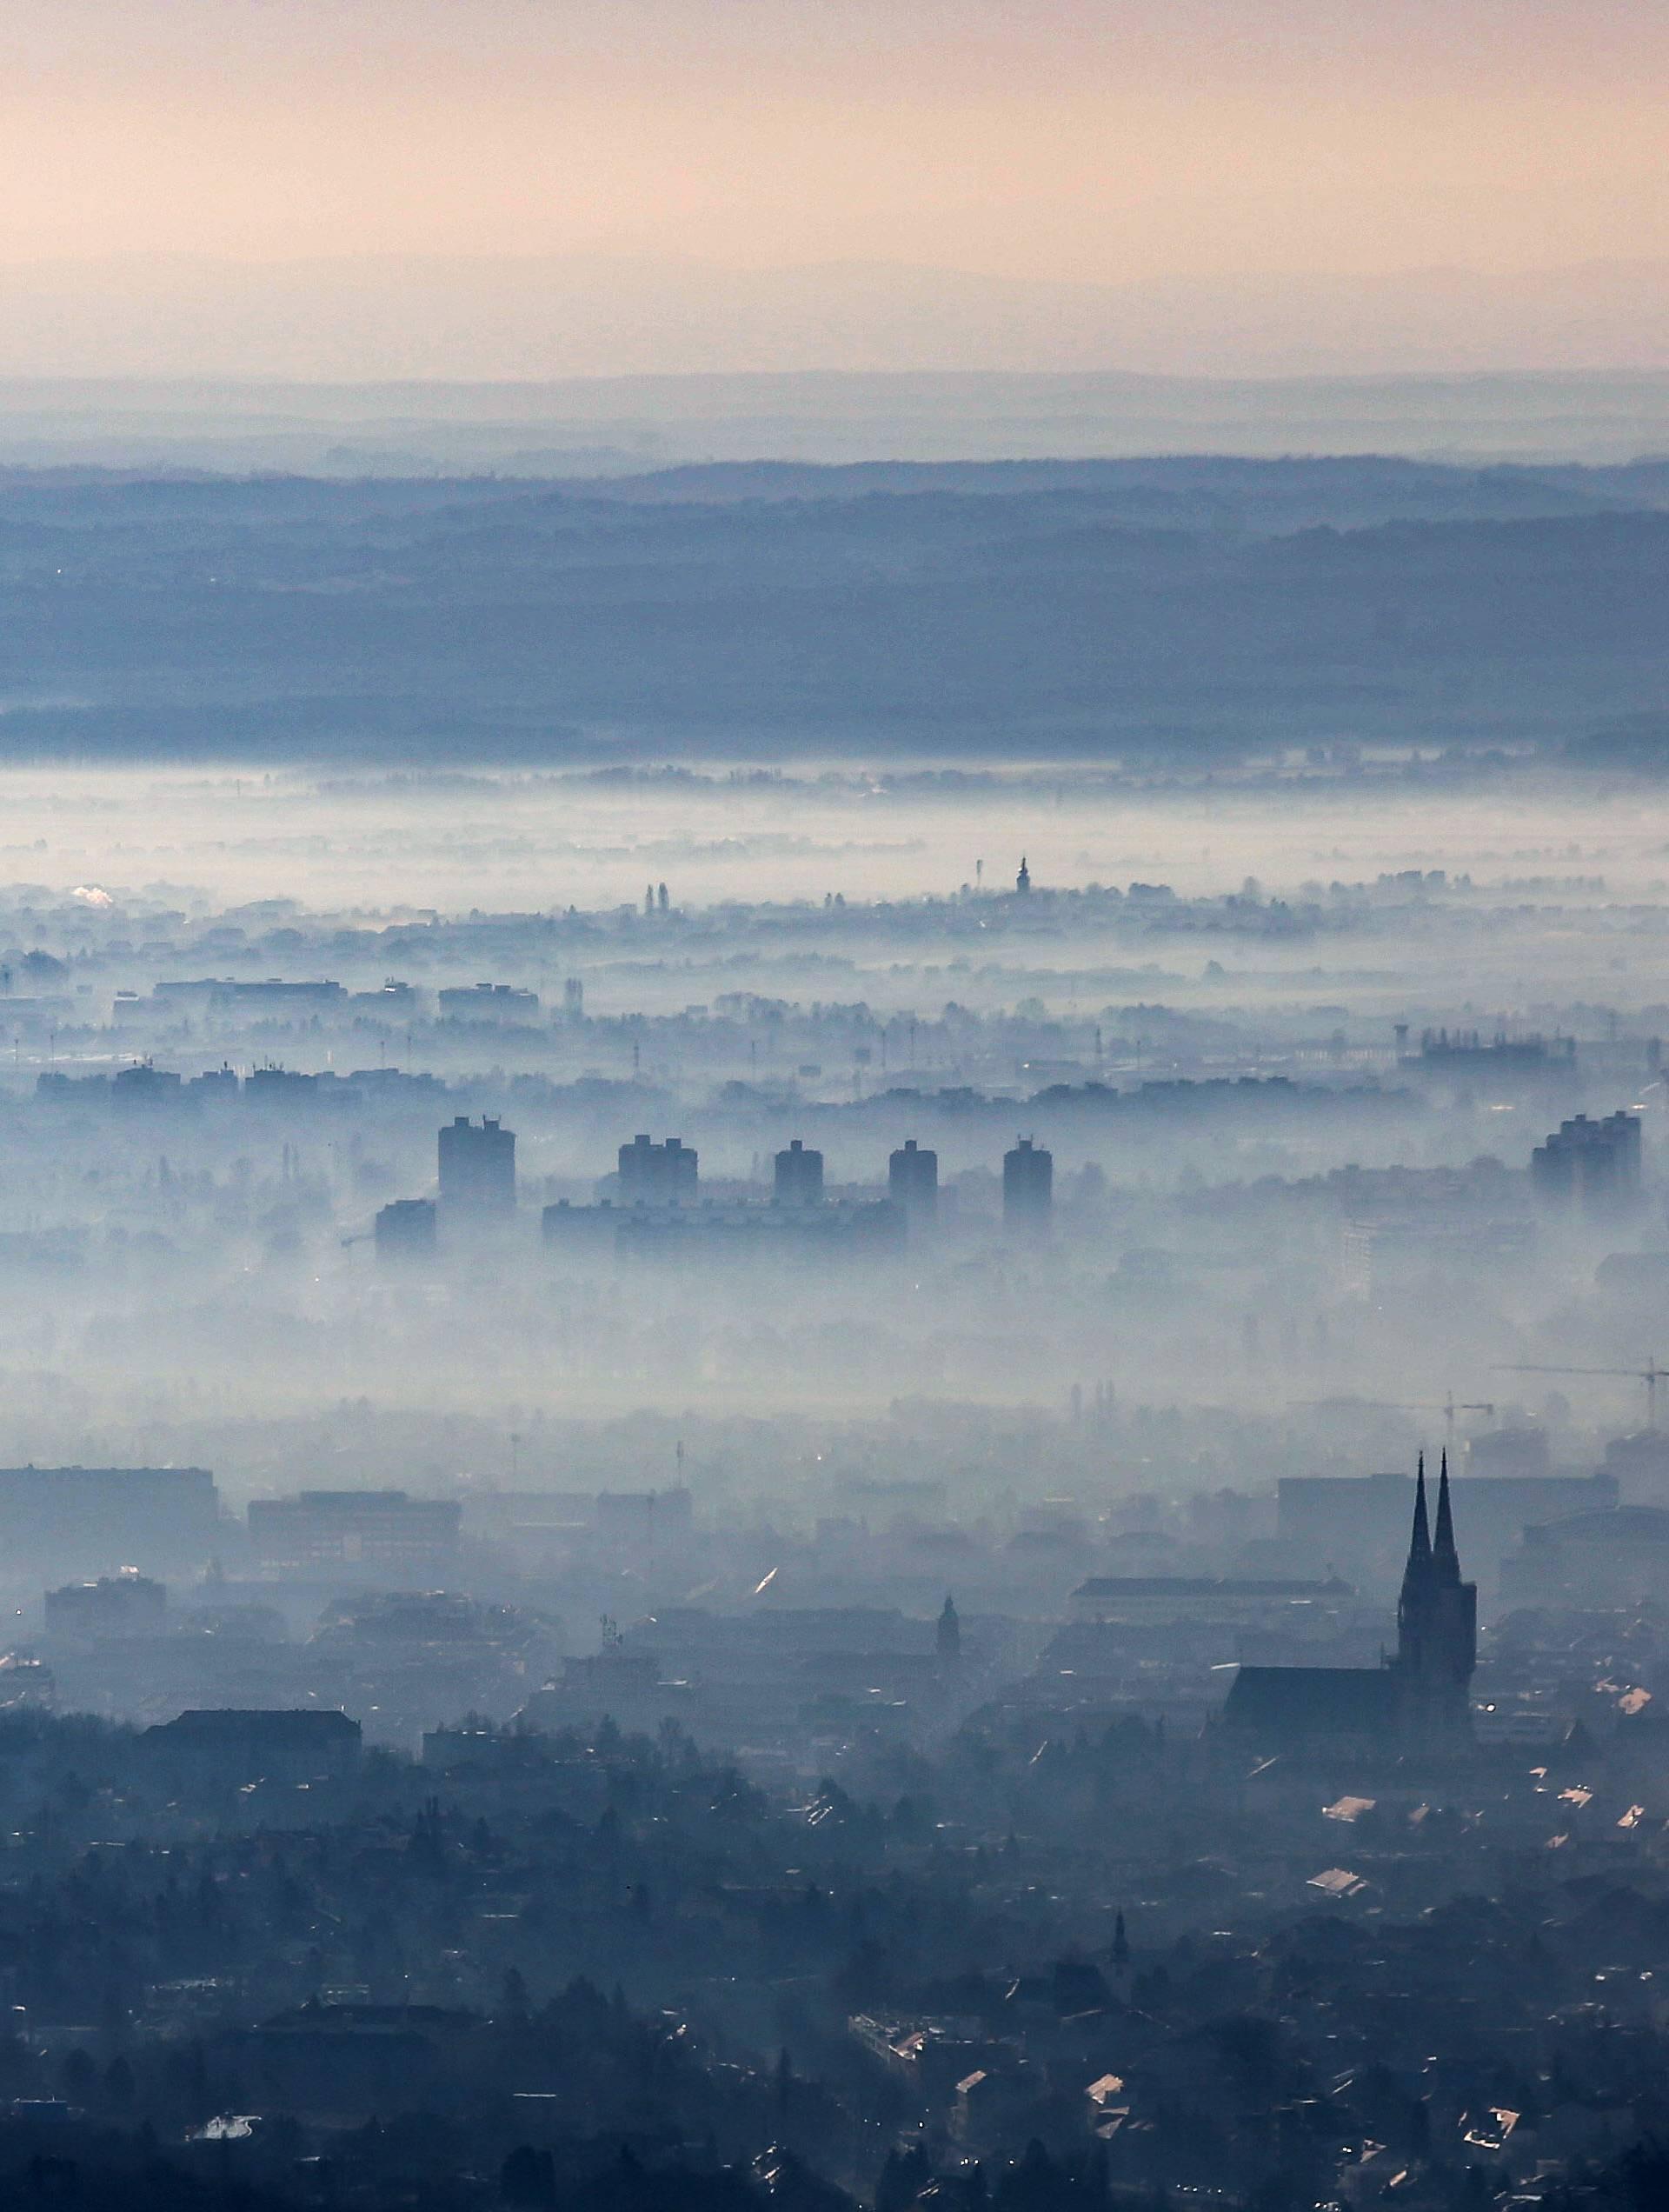 Zagreb: Pogled sa Sljemena na grad prekriven maglom